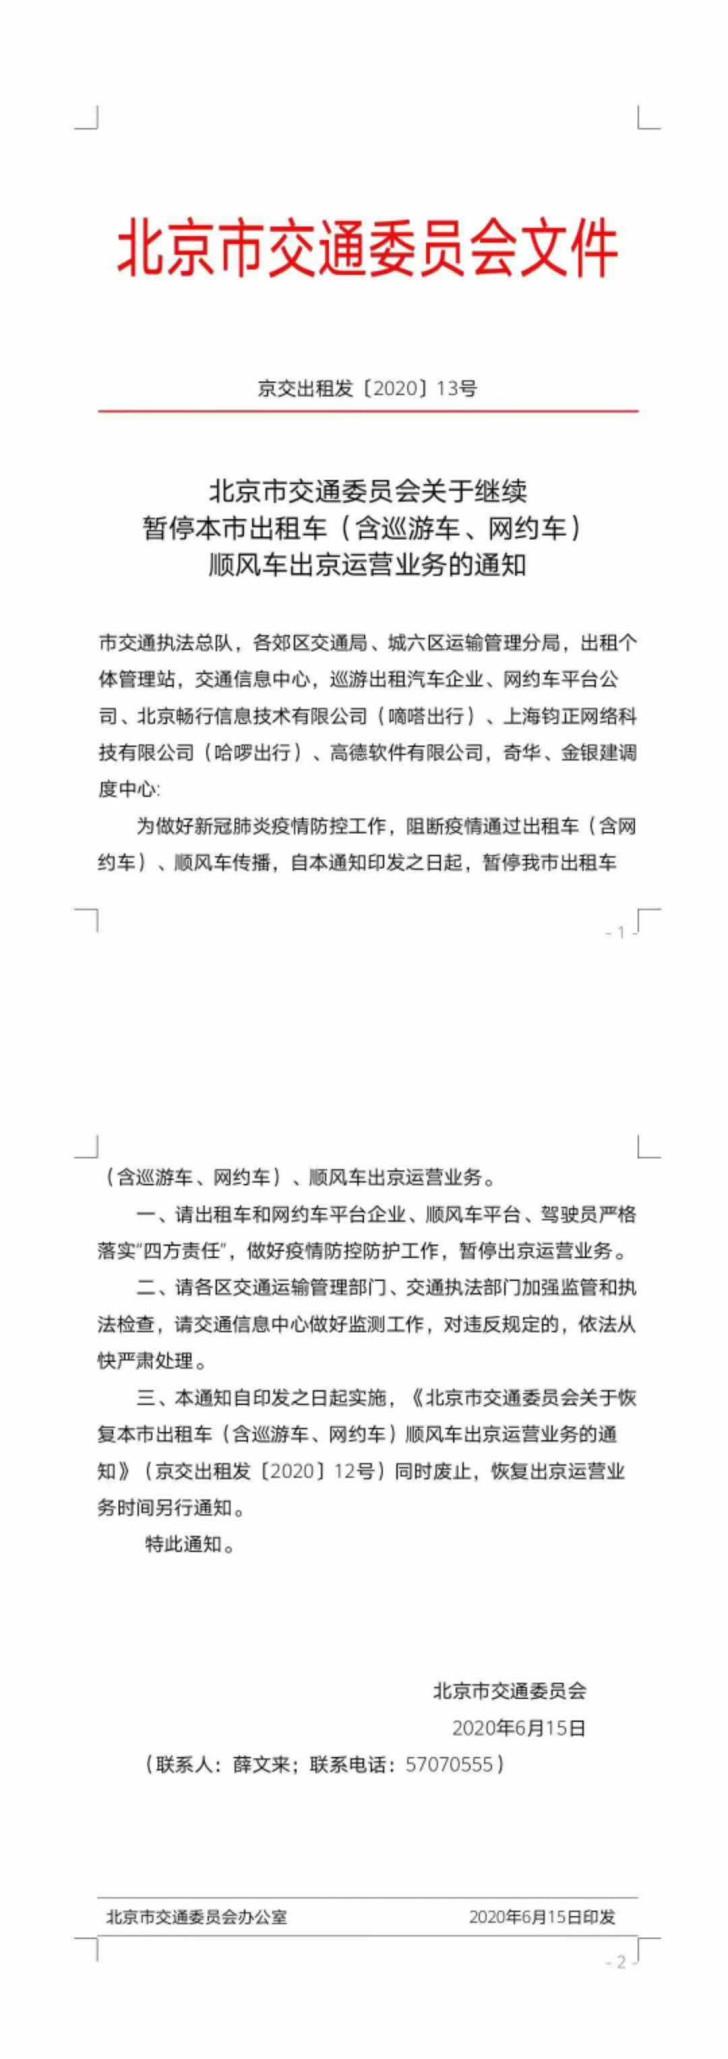 受疫情影响  北京继续暂停出租车顺风车出京运营